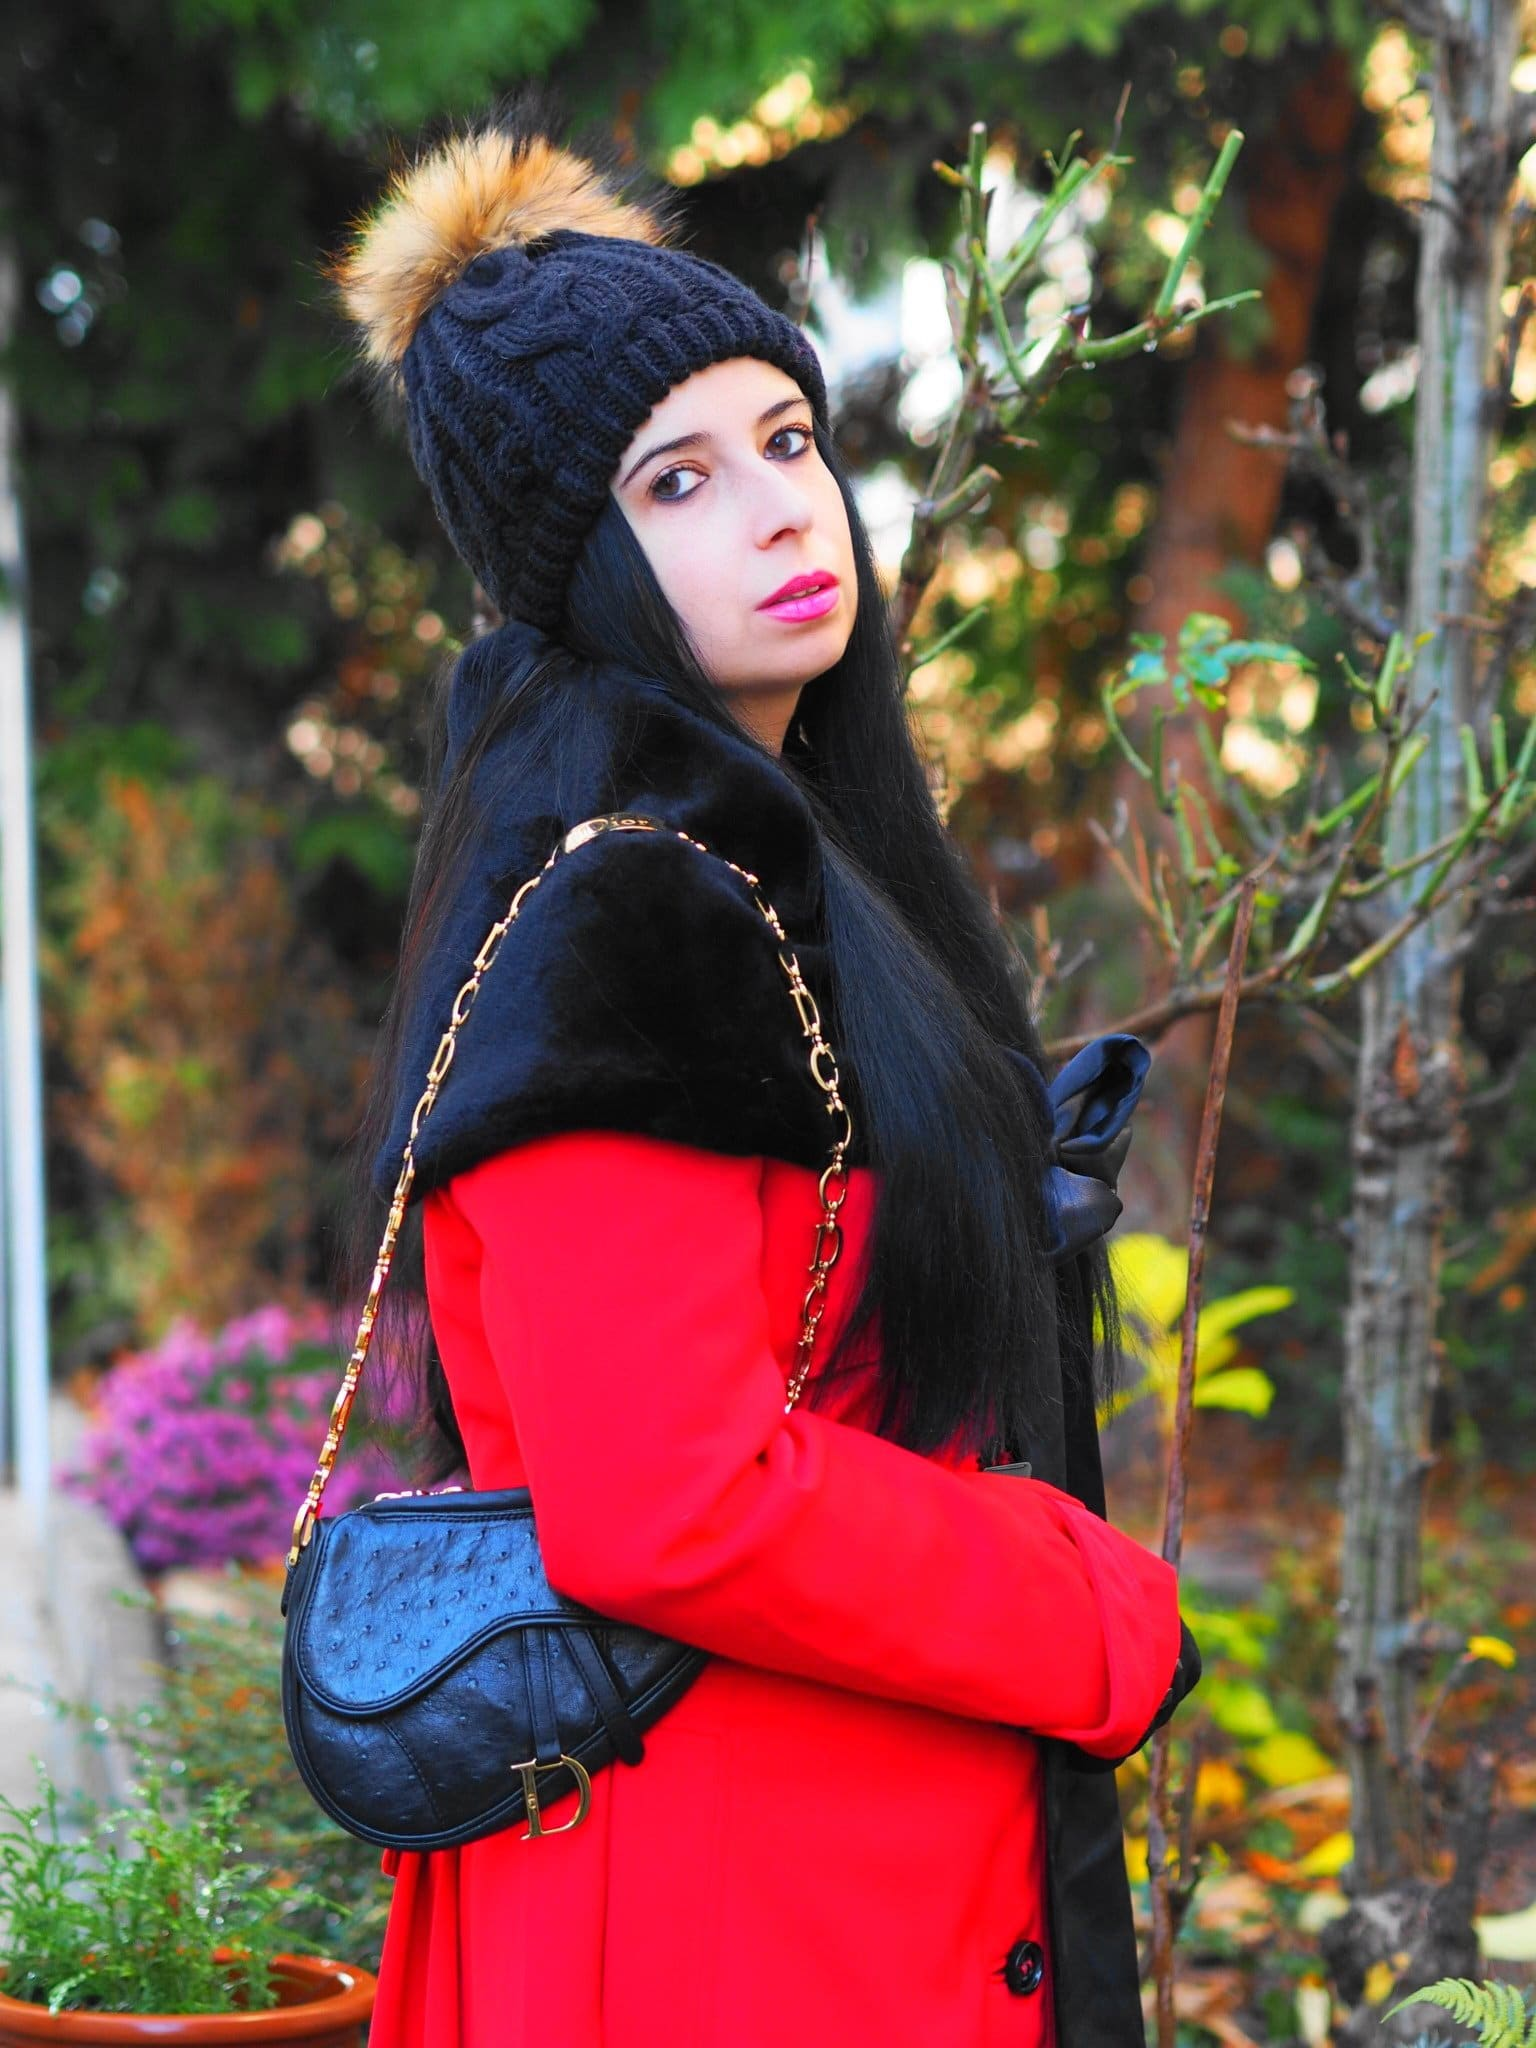 Heute zeige ich euch mit meinem Lady in Red OOTD, dass man auch im Winter mit knalligen Farben top modisch sein und dazu auch noch warm eingepackt sein kann